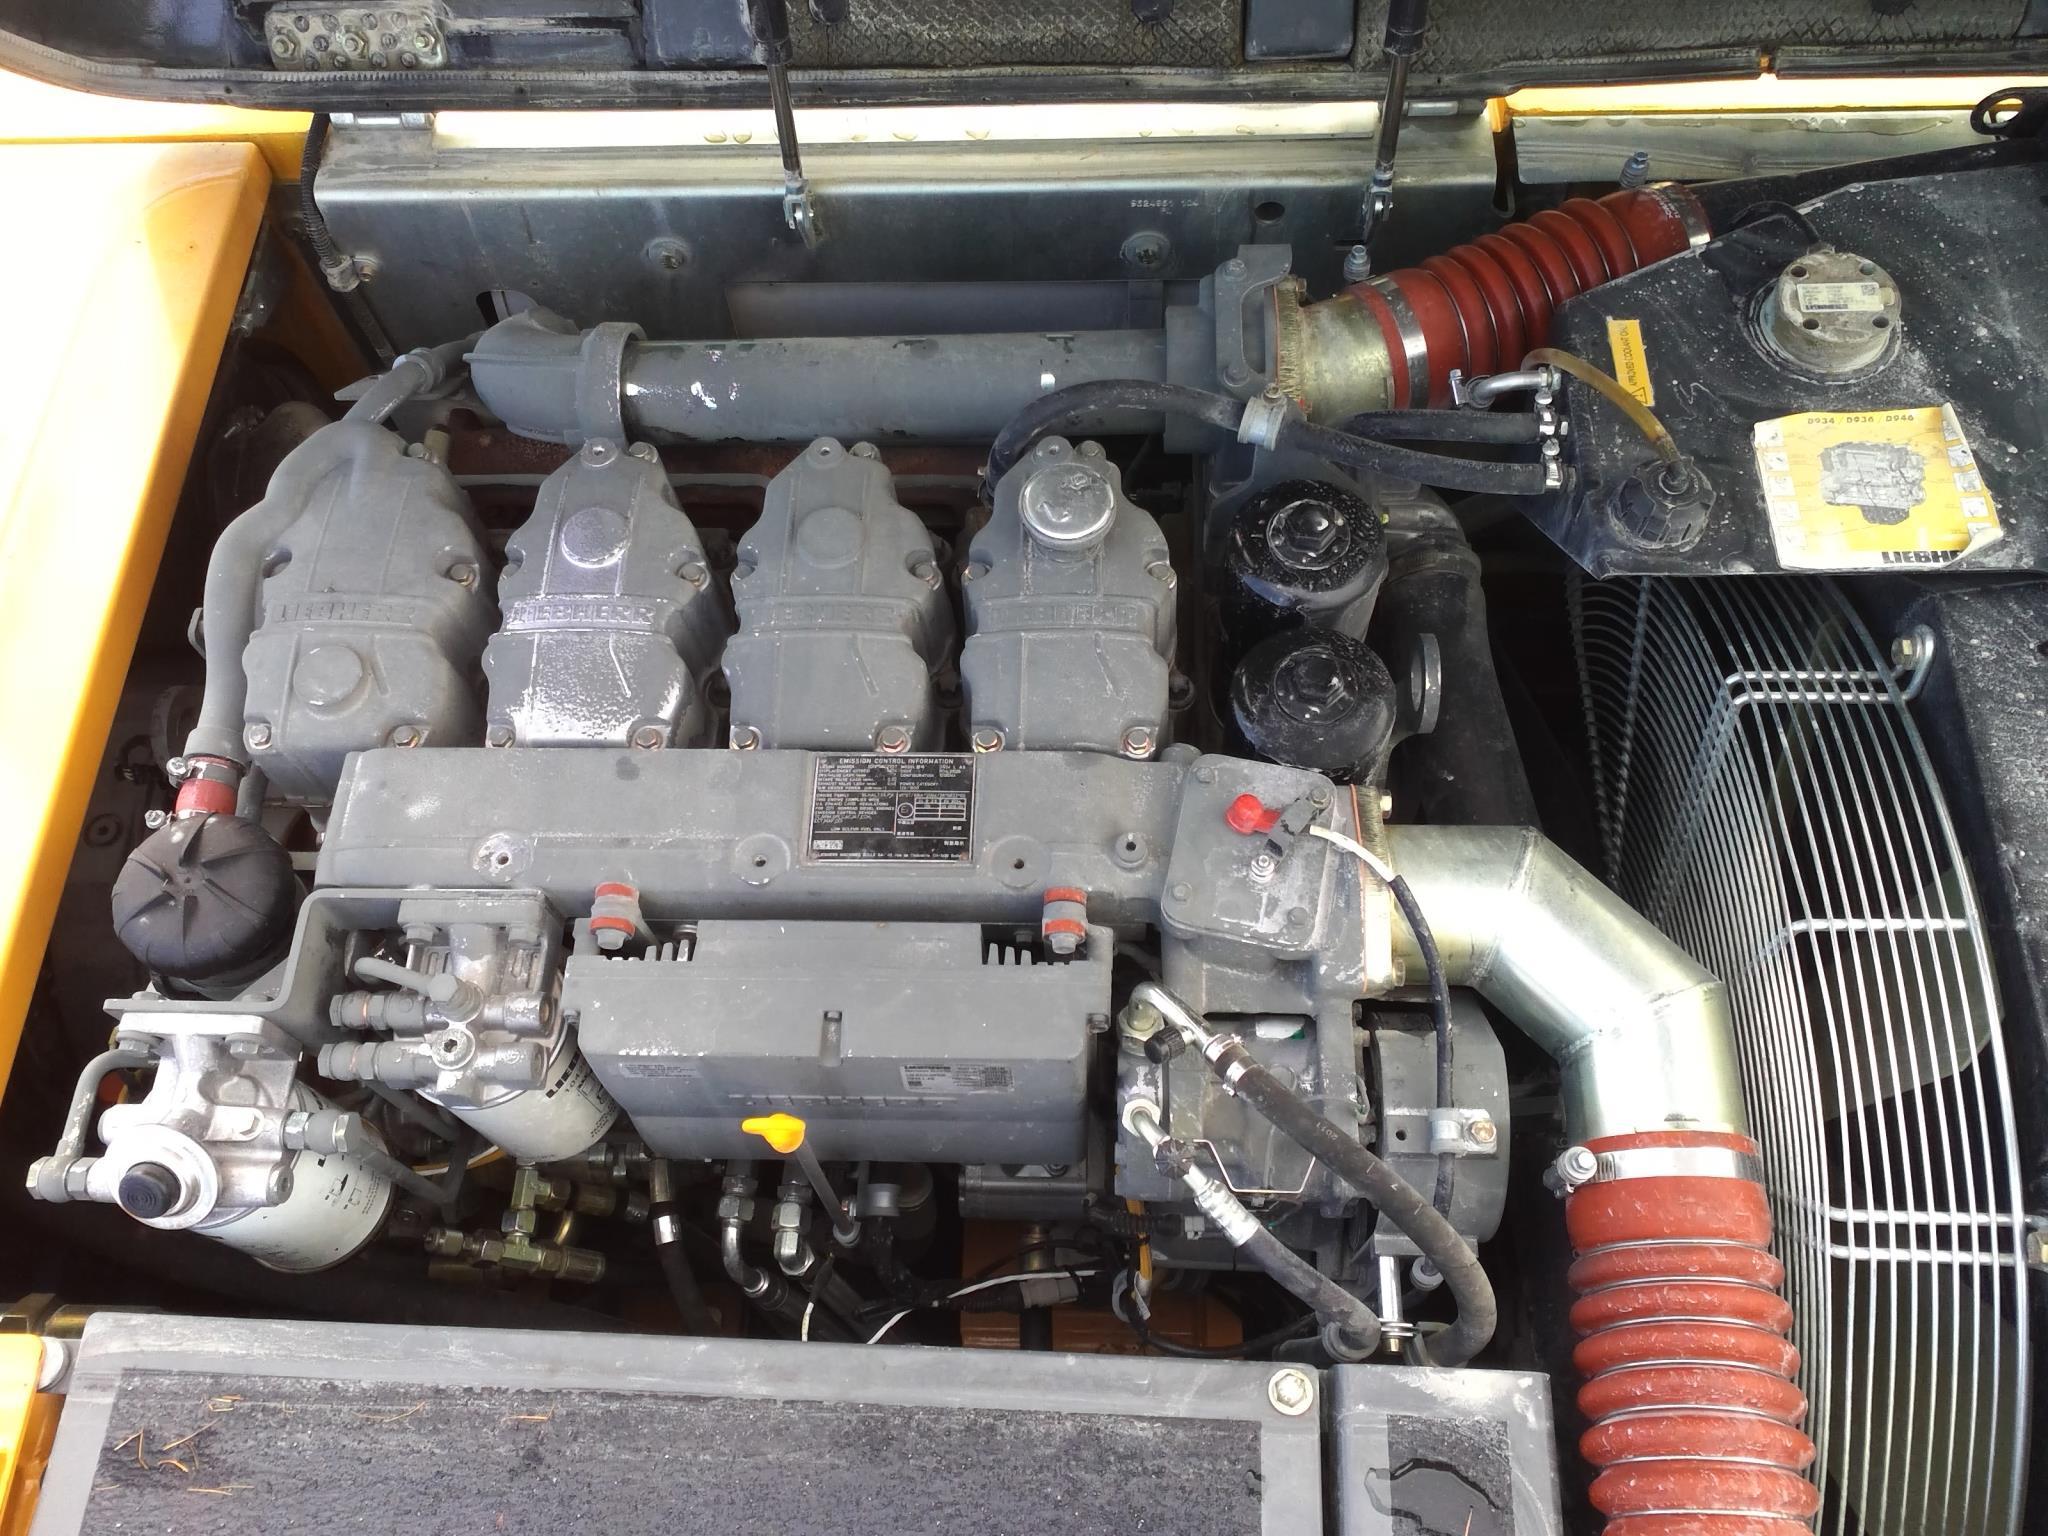 f148acf1-2a8a-4b97-a544-cfe477f5090c_machine_6.png